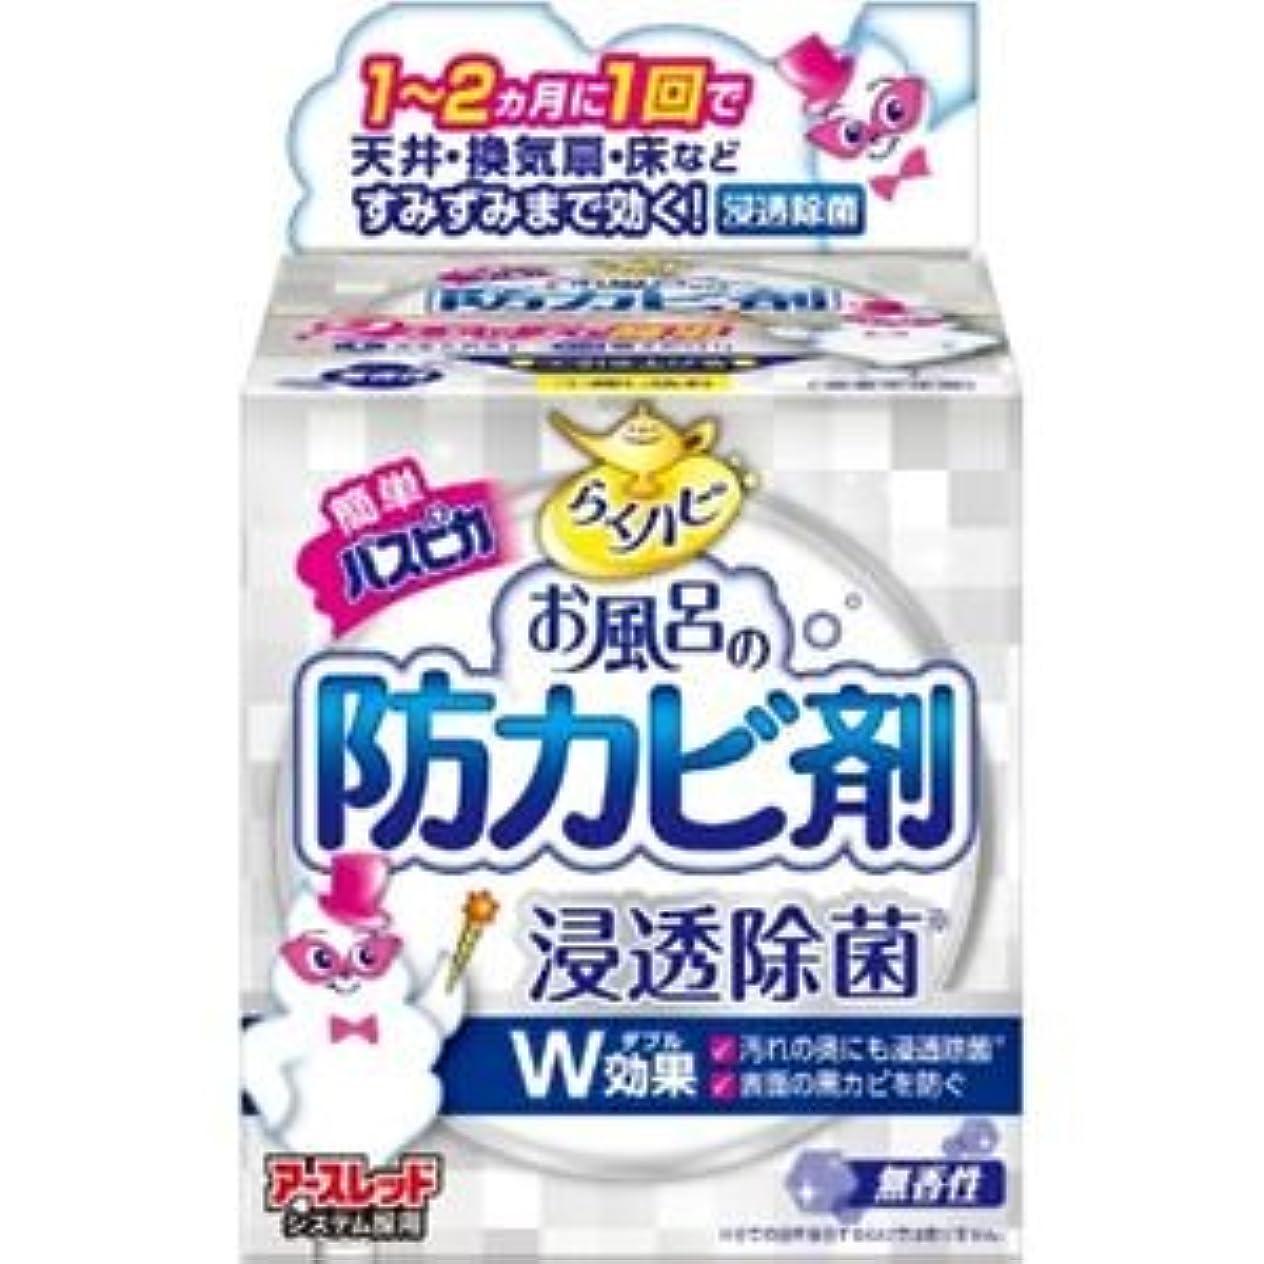 乳白ストライドキャスト(まとめ)アース製薬 らくハピお風呂の防カビ剤無香性 【×3点セット】